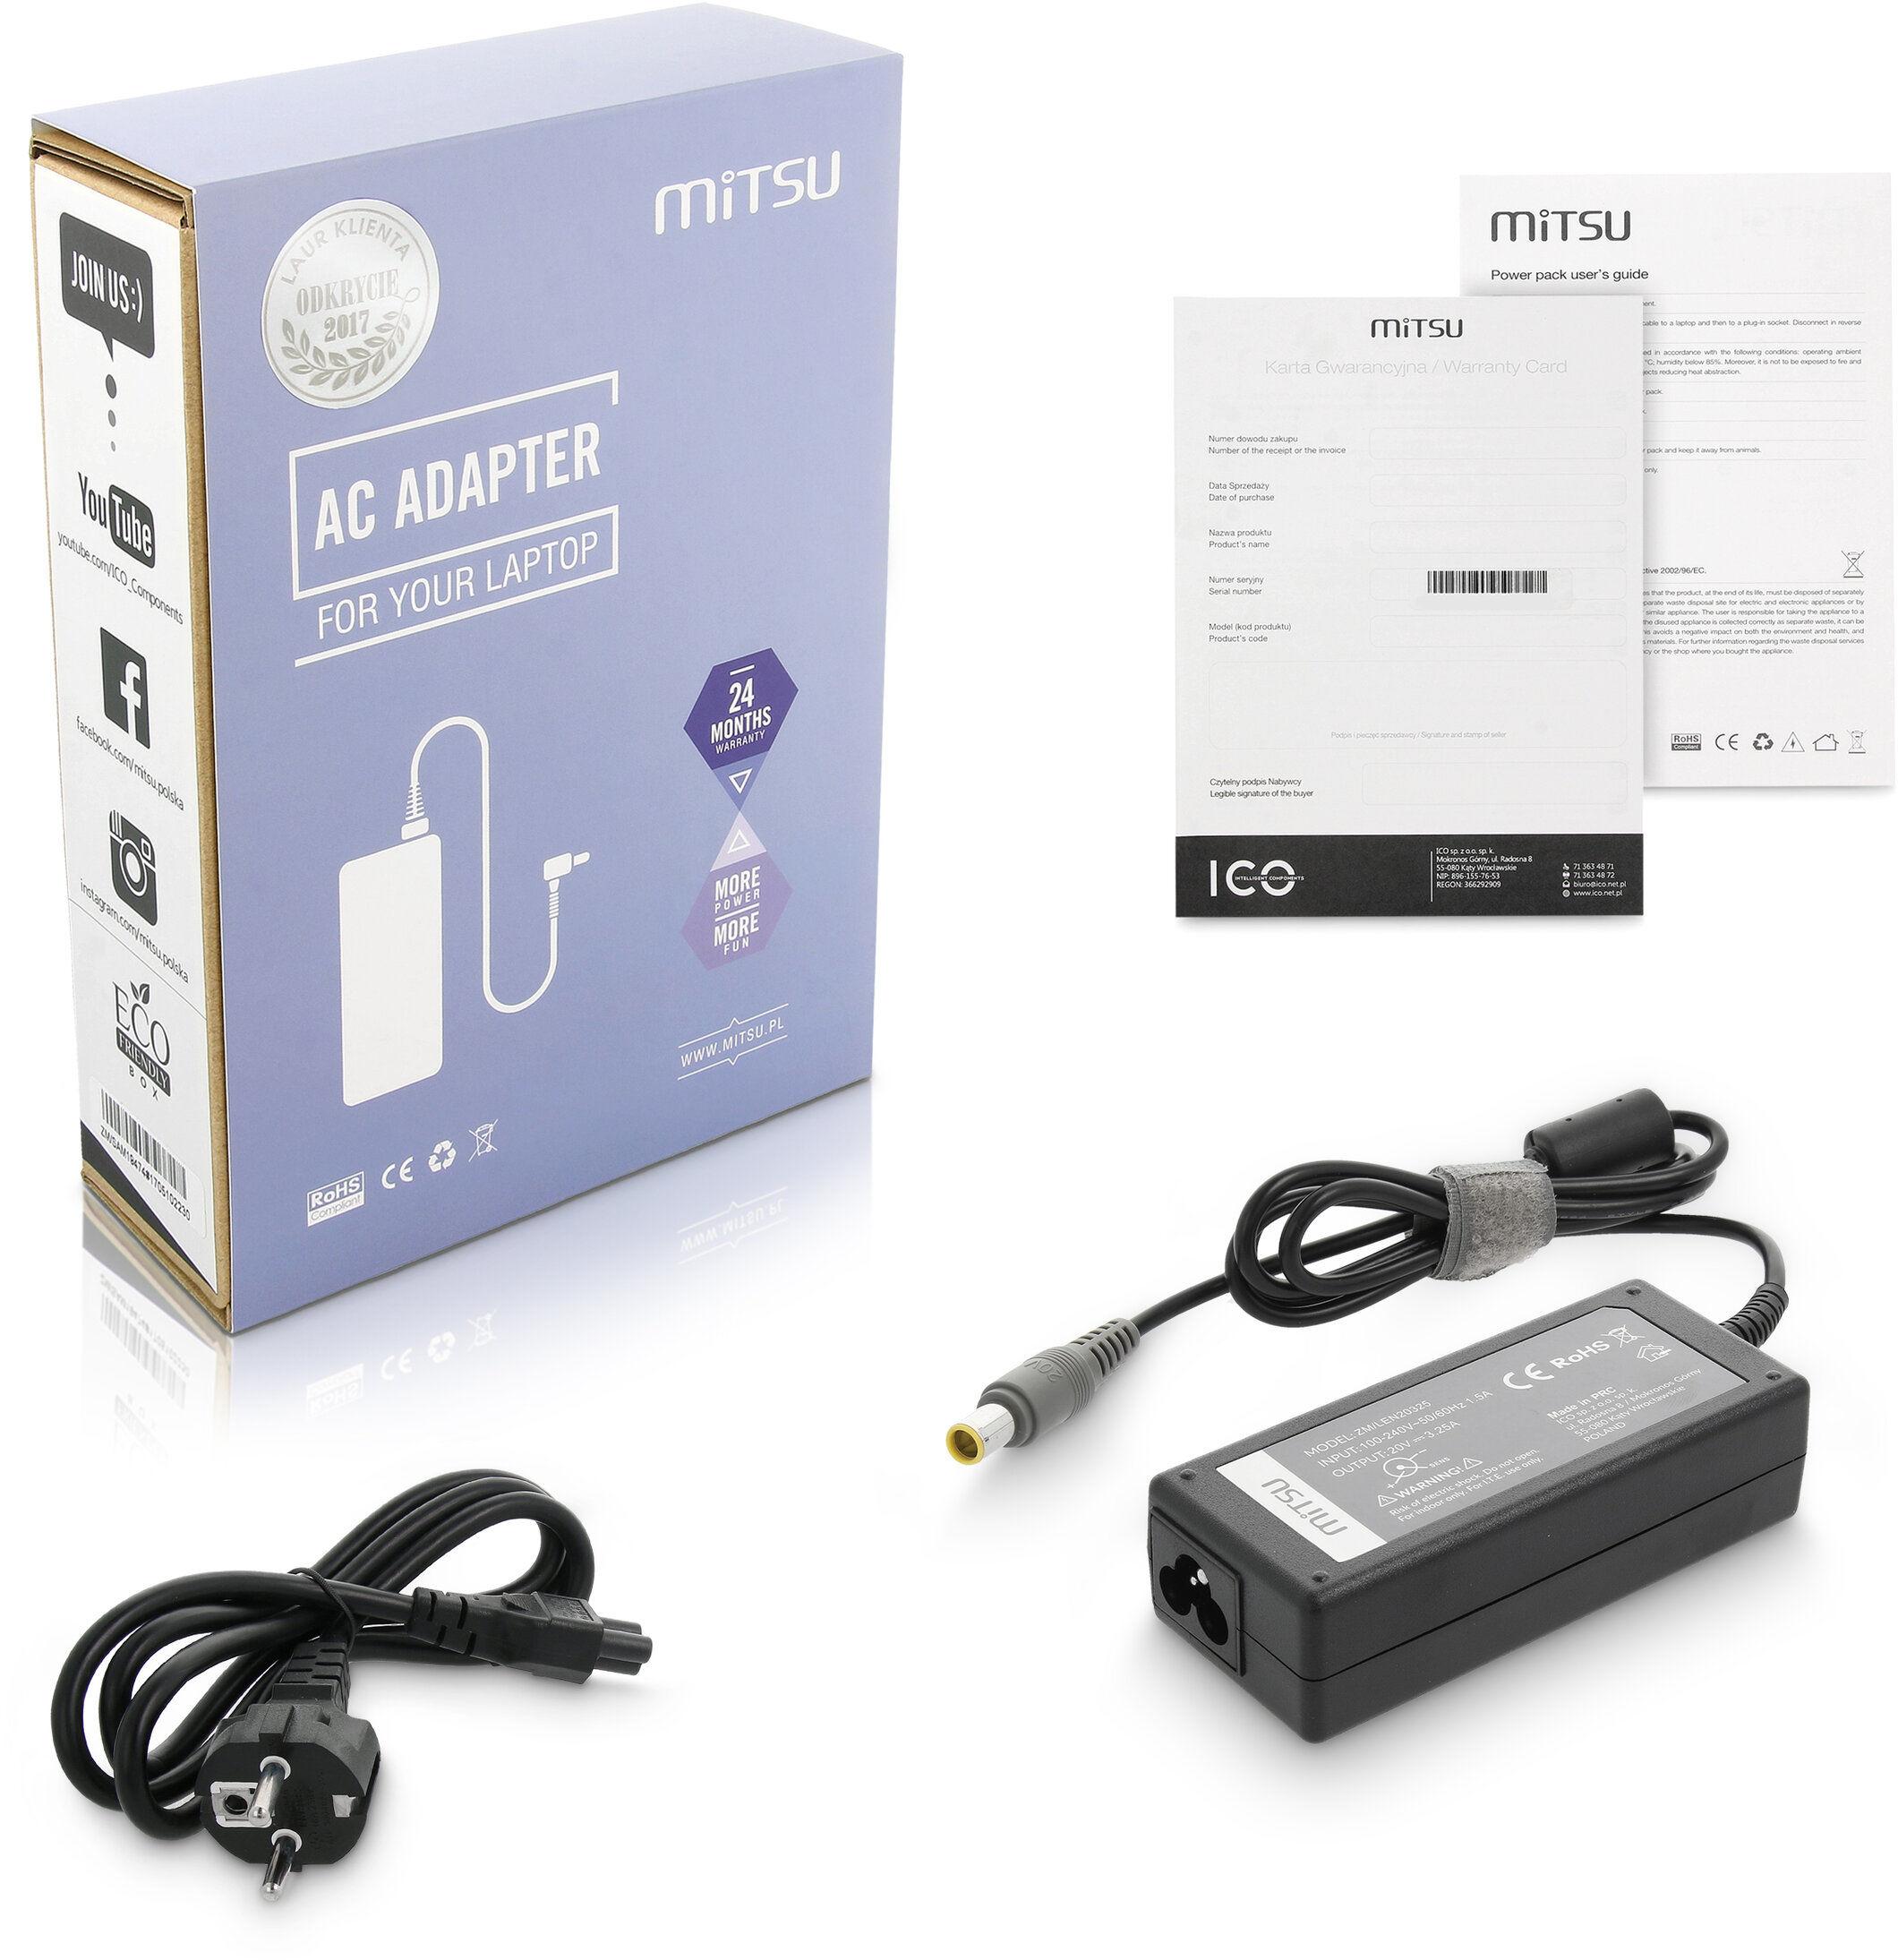 Zasilacz Mitsu 20v 3.25a (8.0x5.5 pin) Lenovo 3000 N200, 3000 V200,B590-59-362559, V480